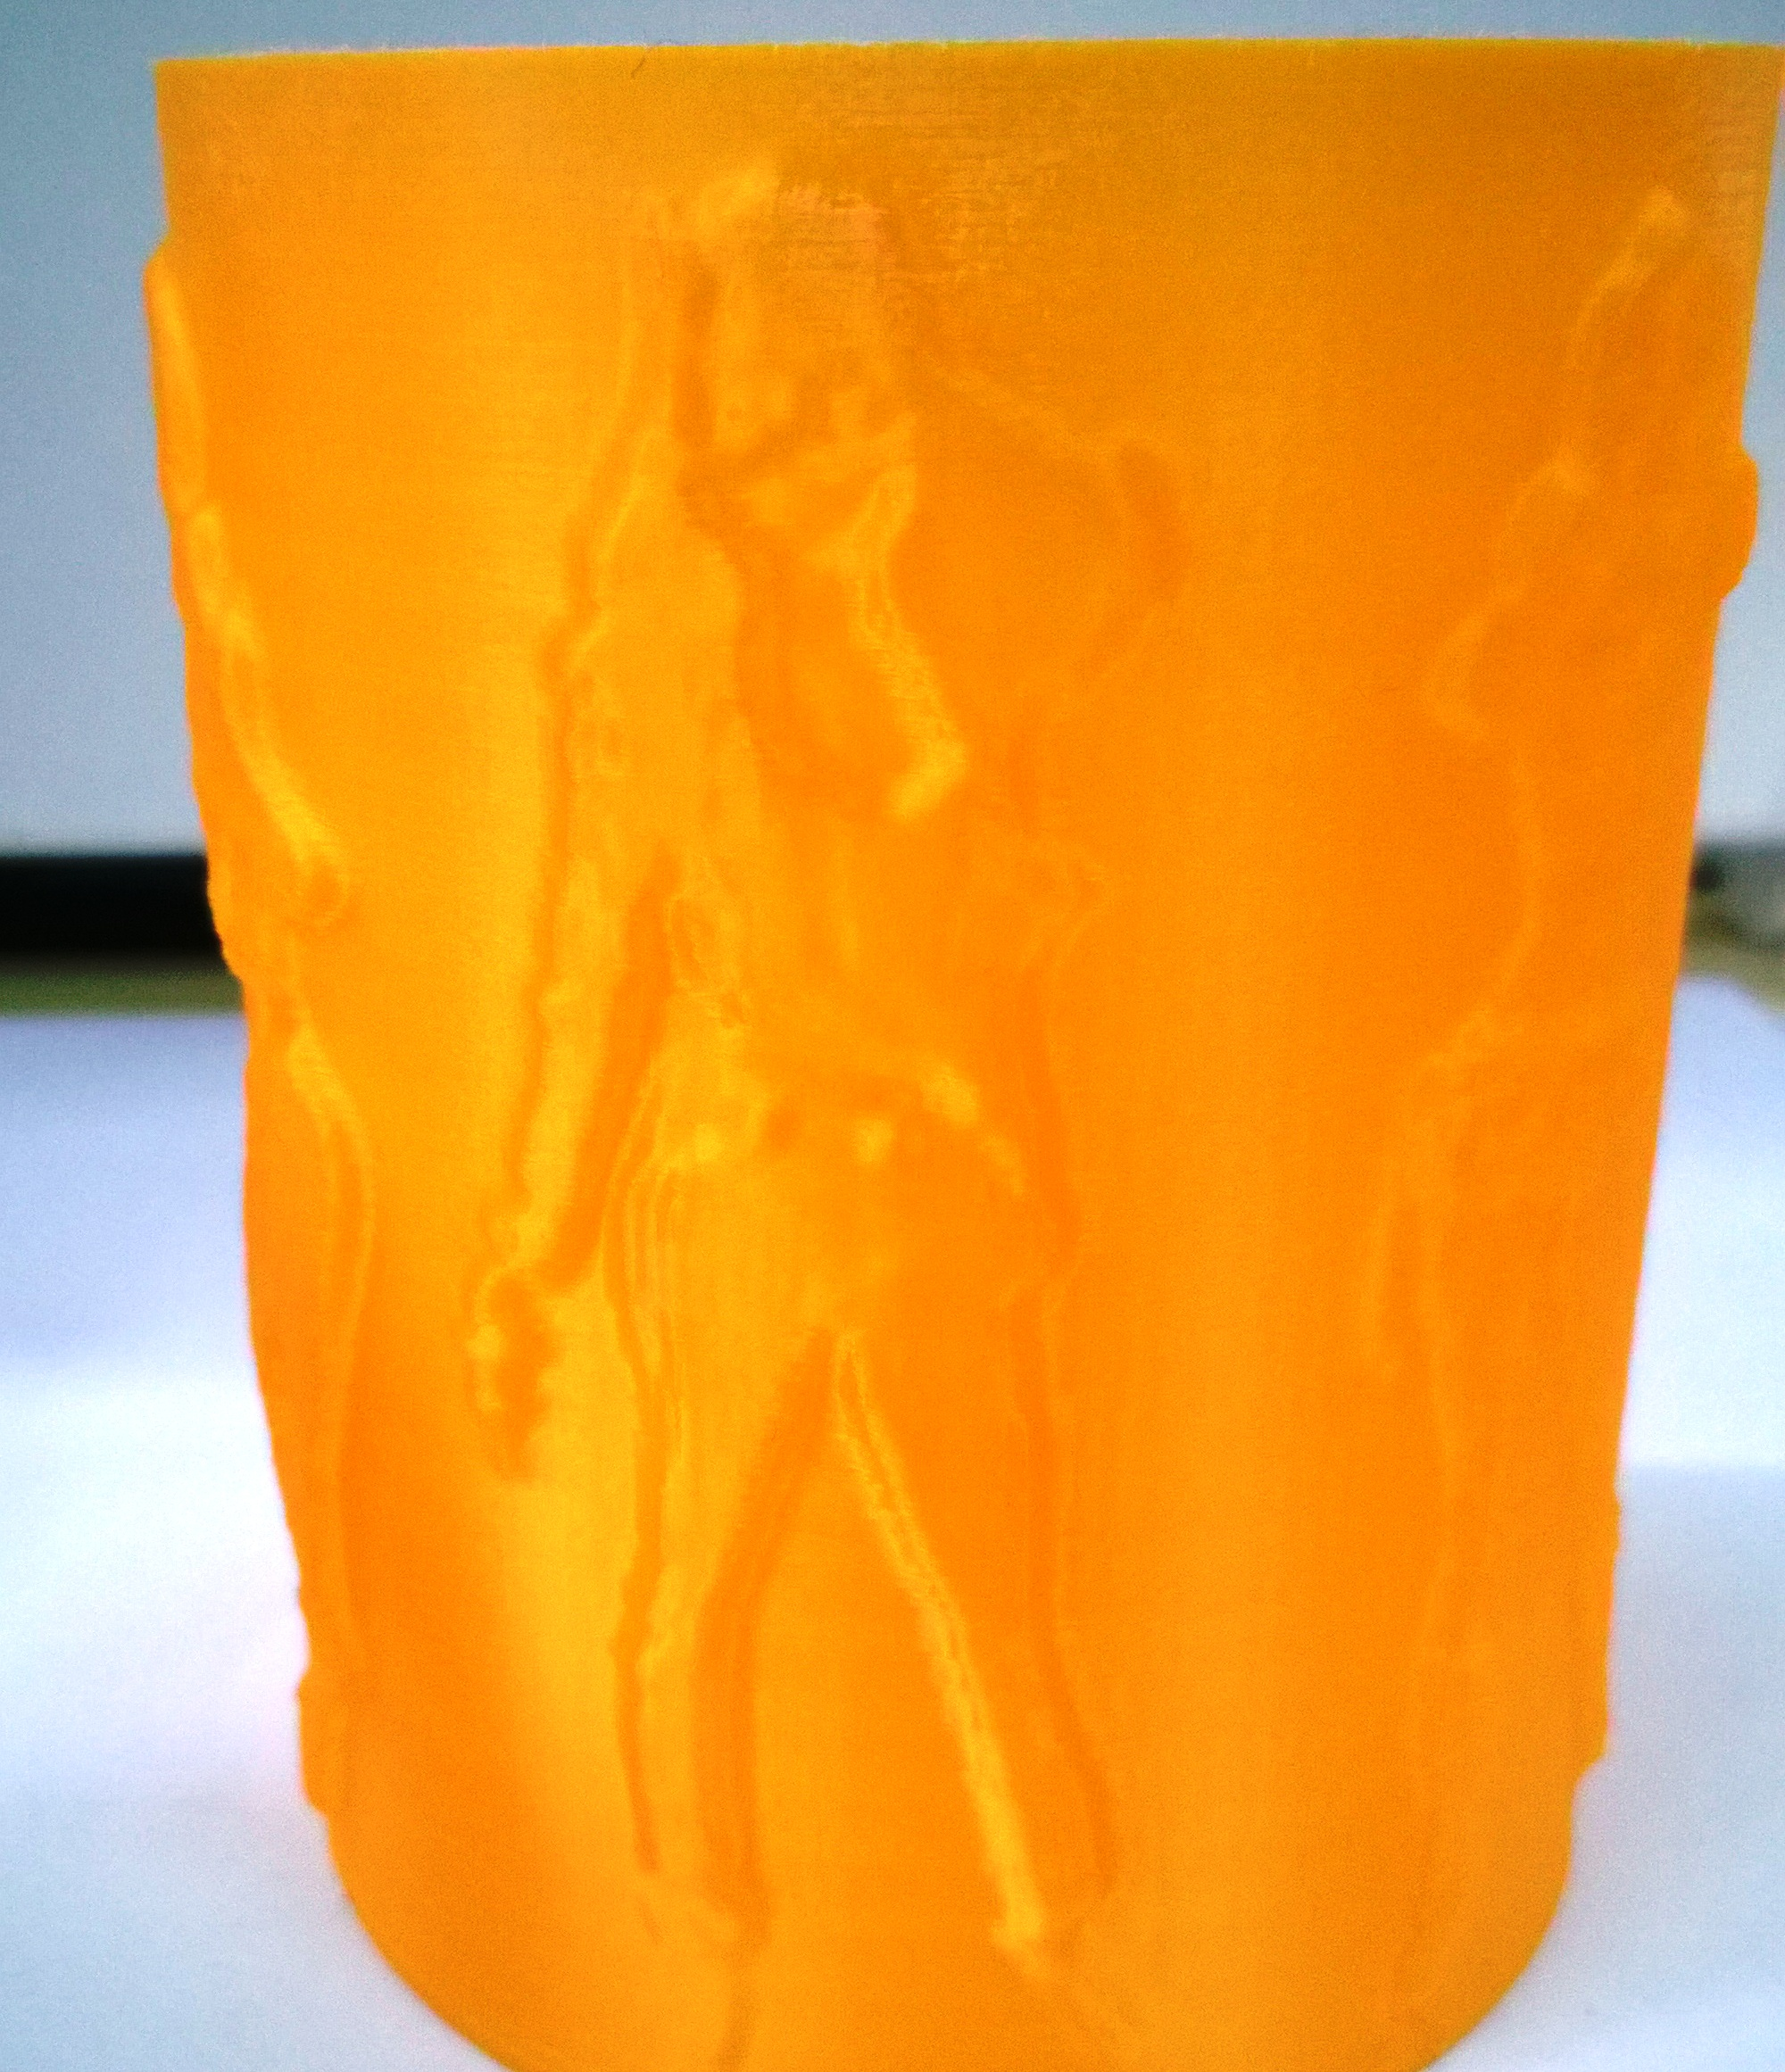 浮雕灯罩003D打印模型,浮雕灯罩003D模型下载,3D打印浮雕灯罩00模型下载,浮雕灯罩003D模型,浮雕灯罩00STL格式文件,浮雕灯罩003D打印模型免费下载,3D打印模型库